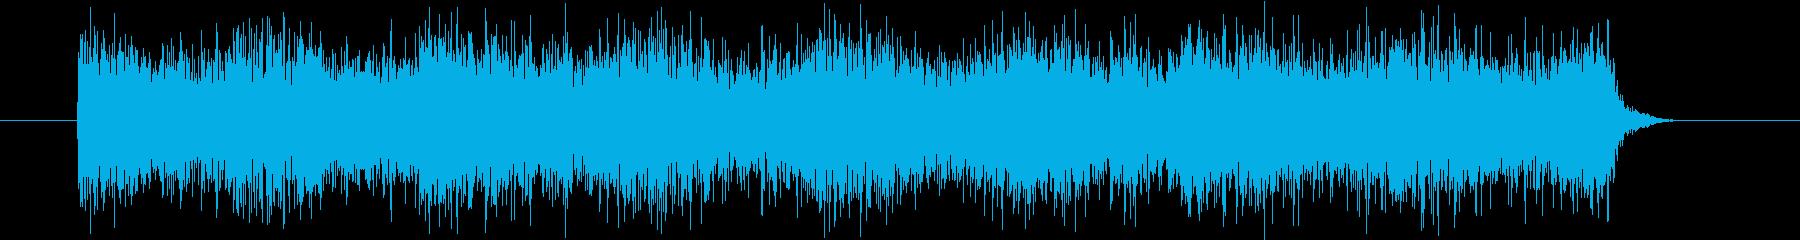 フオンフオンと空中でUFOが漂うイメージの再生済みの波形